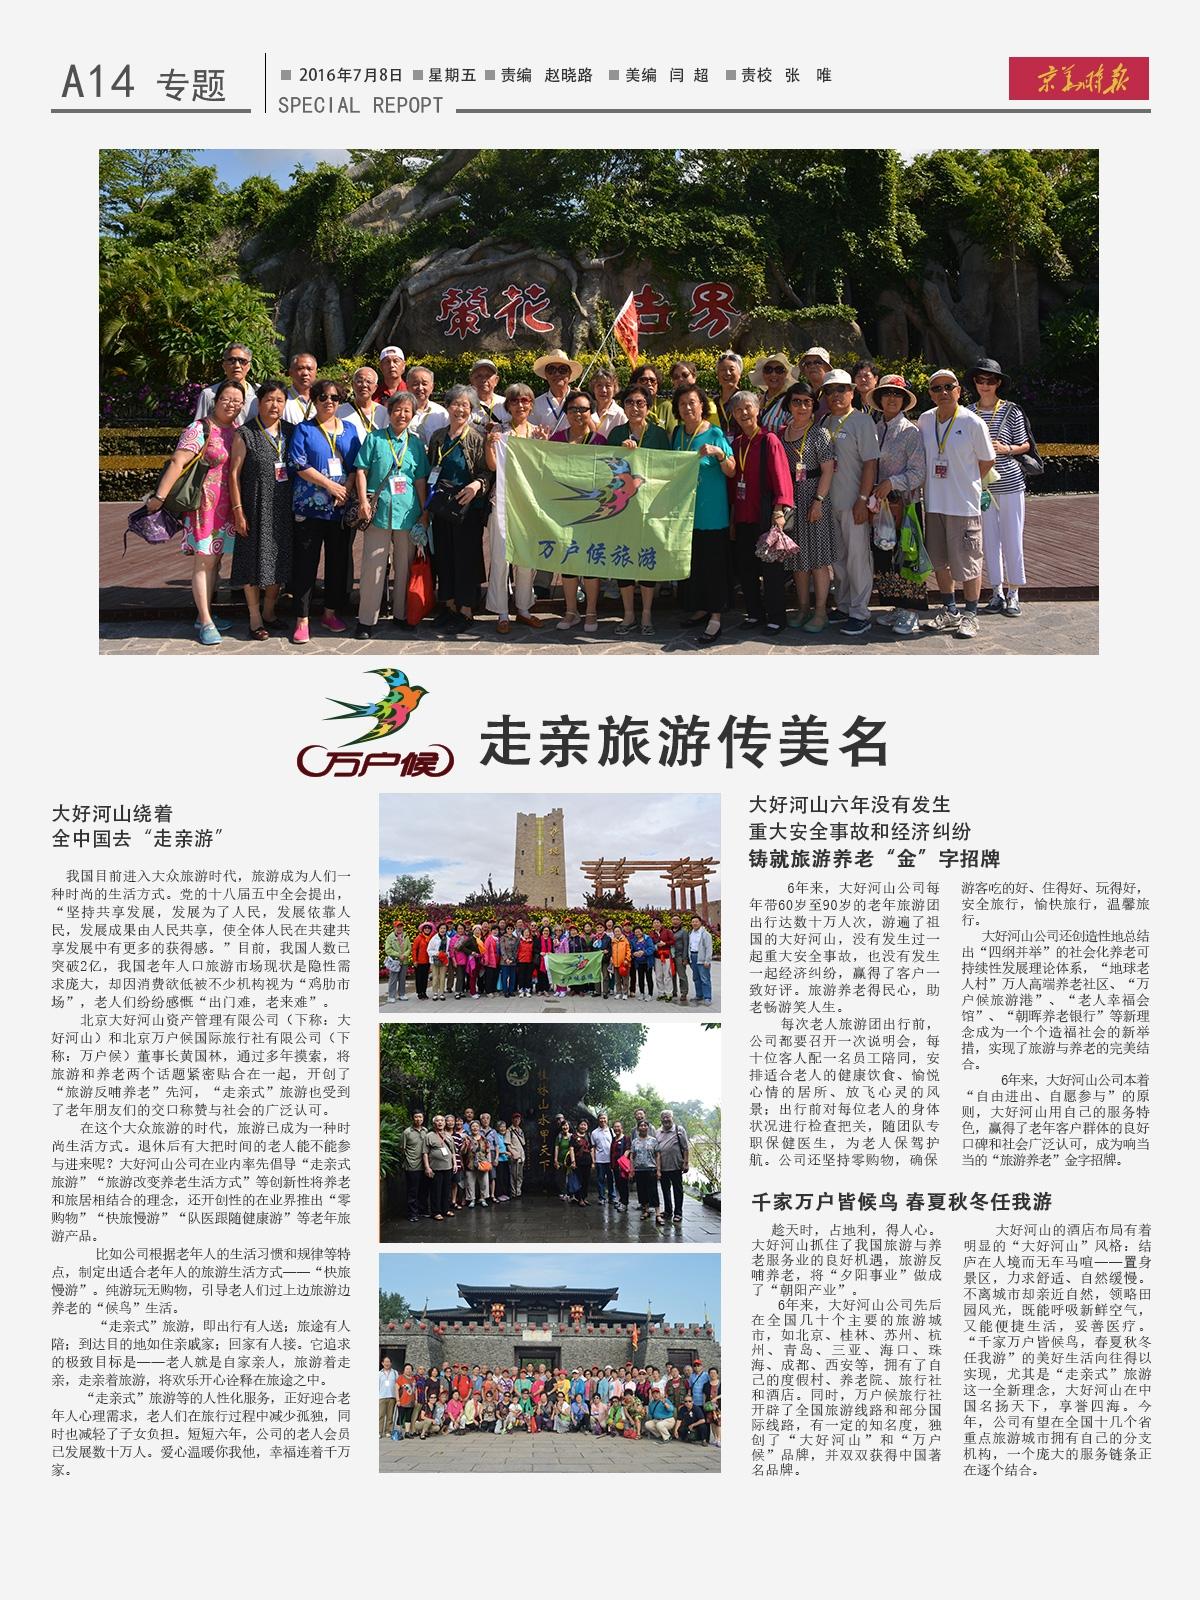 京华时报 2016-07-08 A14